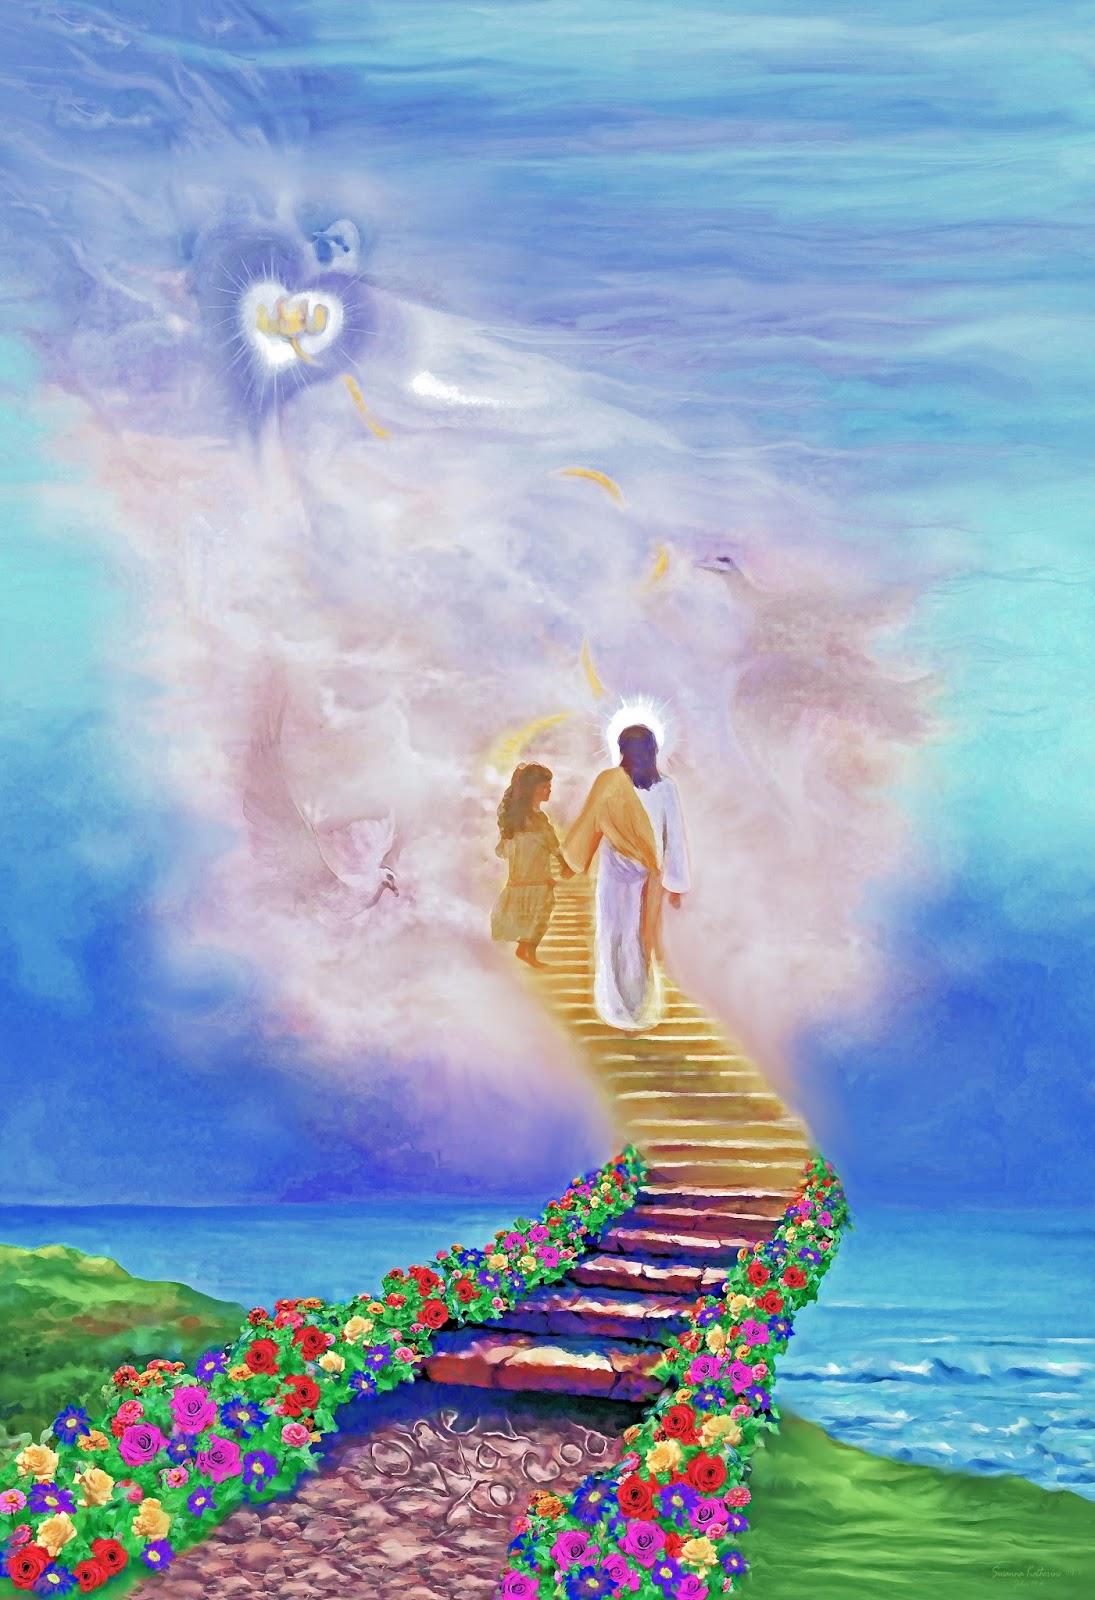 картинки с темой рай любви и счастья коллажировании как